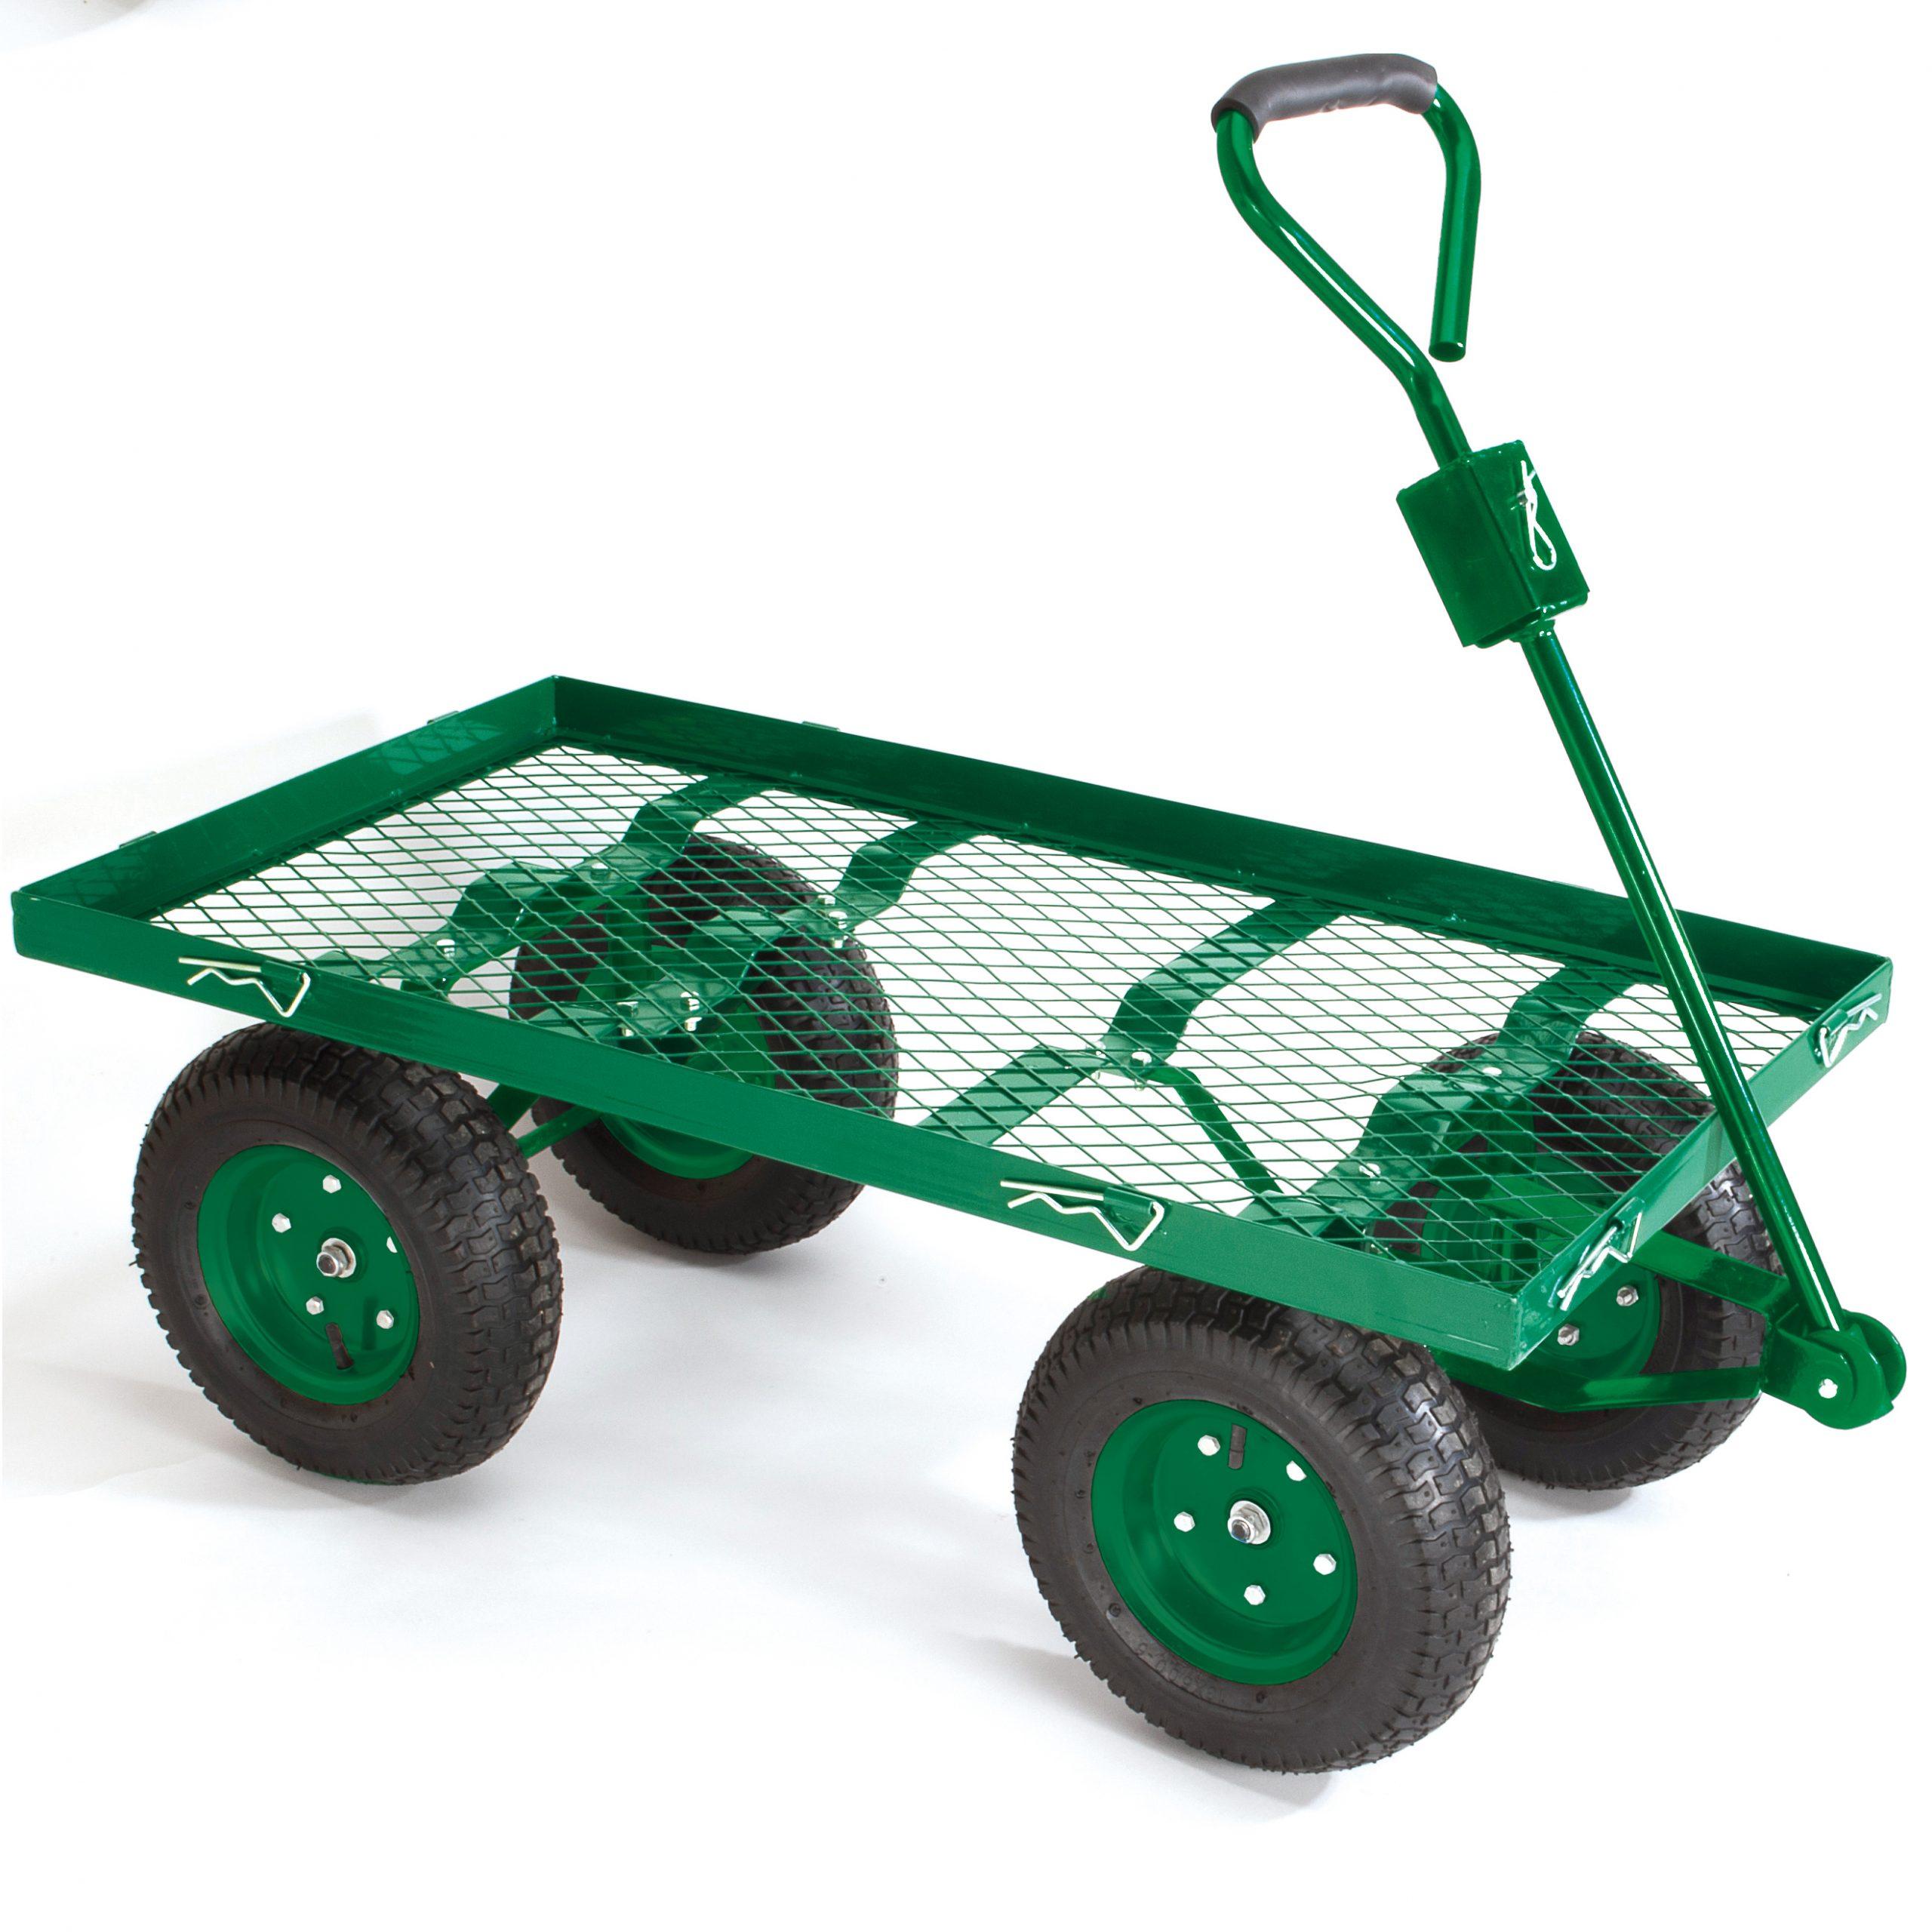 Chariot De Jardin Bâché Grillagé 4 Roues - Distriartisan encequiconcerne Chariot De Jardin 4 Roues